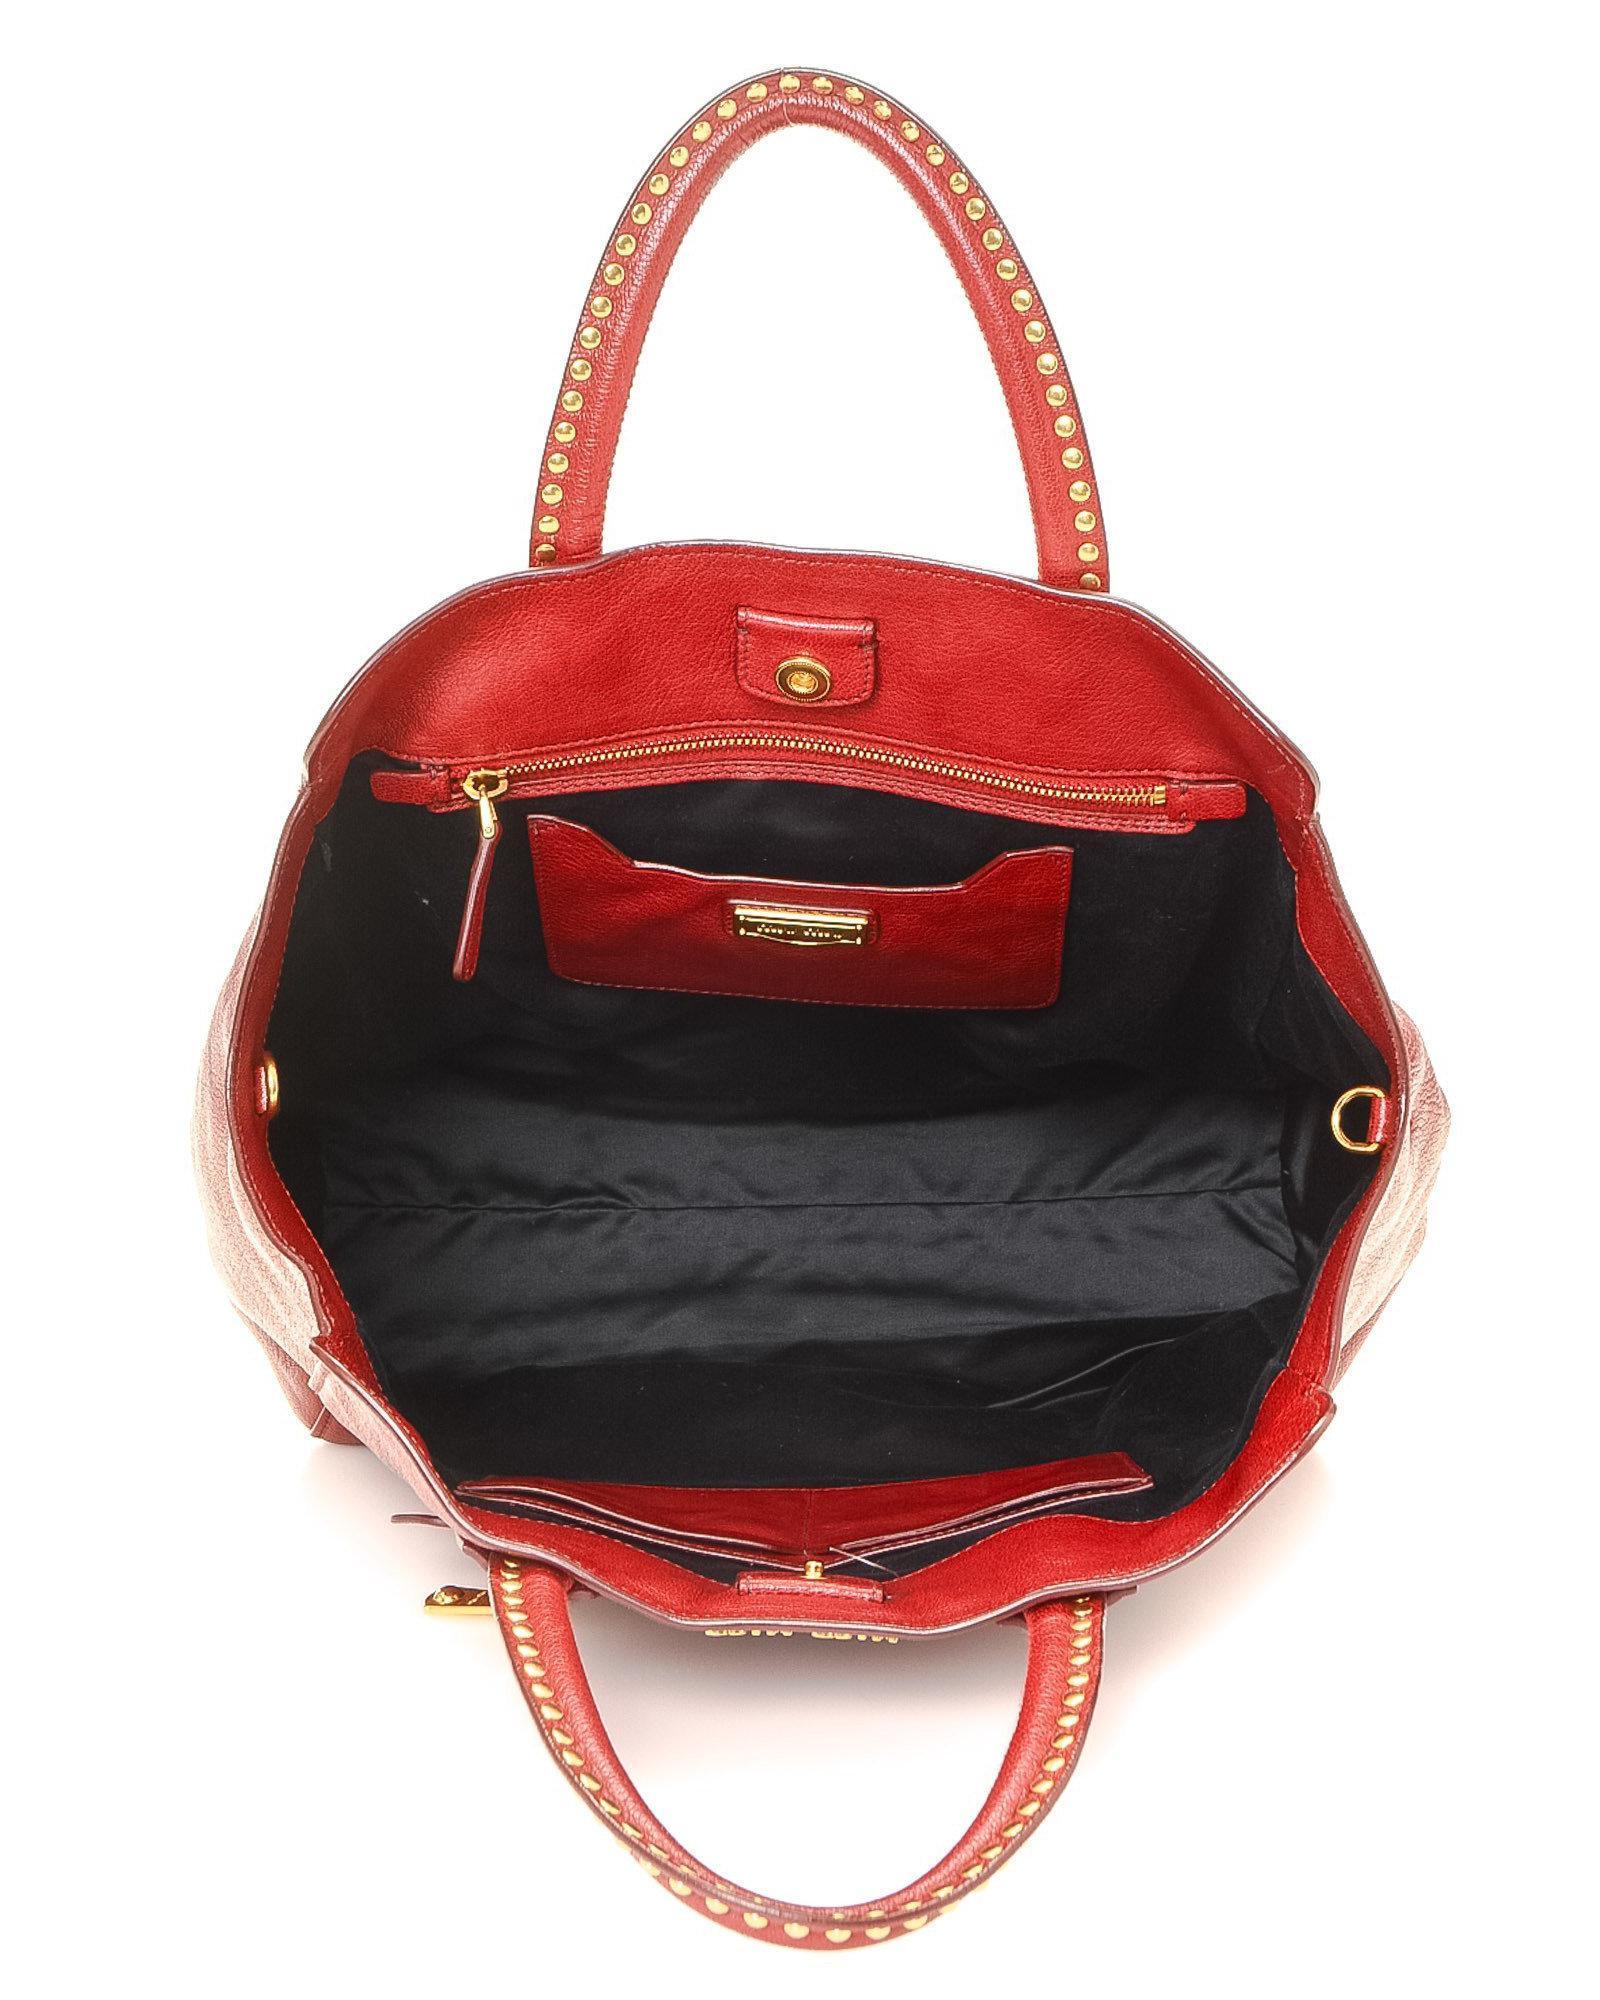 07ced0a79918 Lyst - Miu Miu Vitello Caribu Leather Tote - Vintage in Red